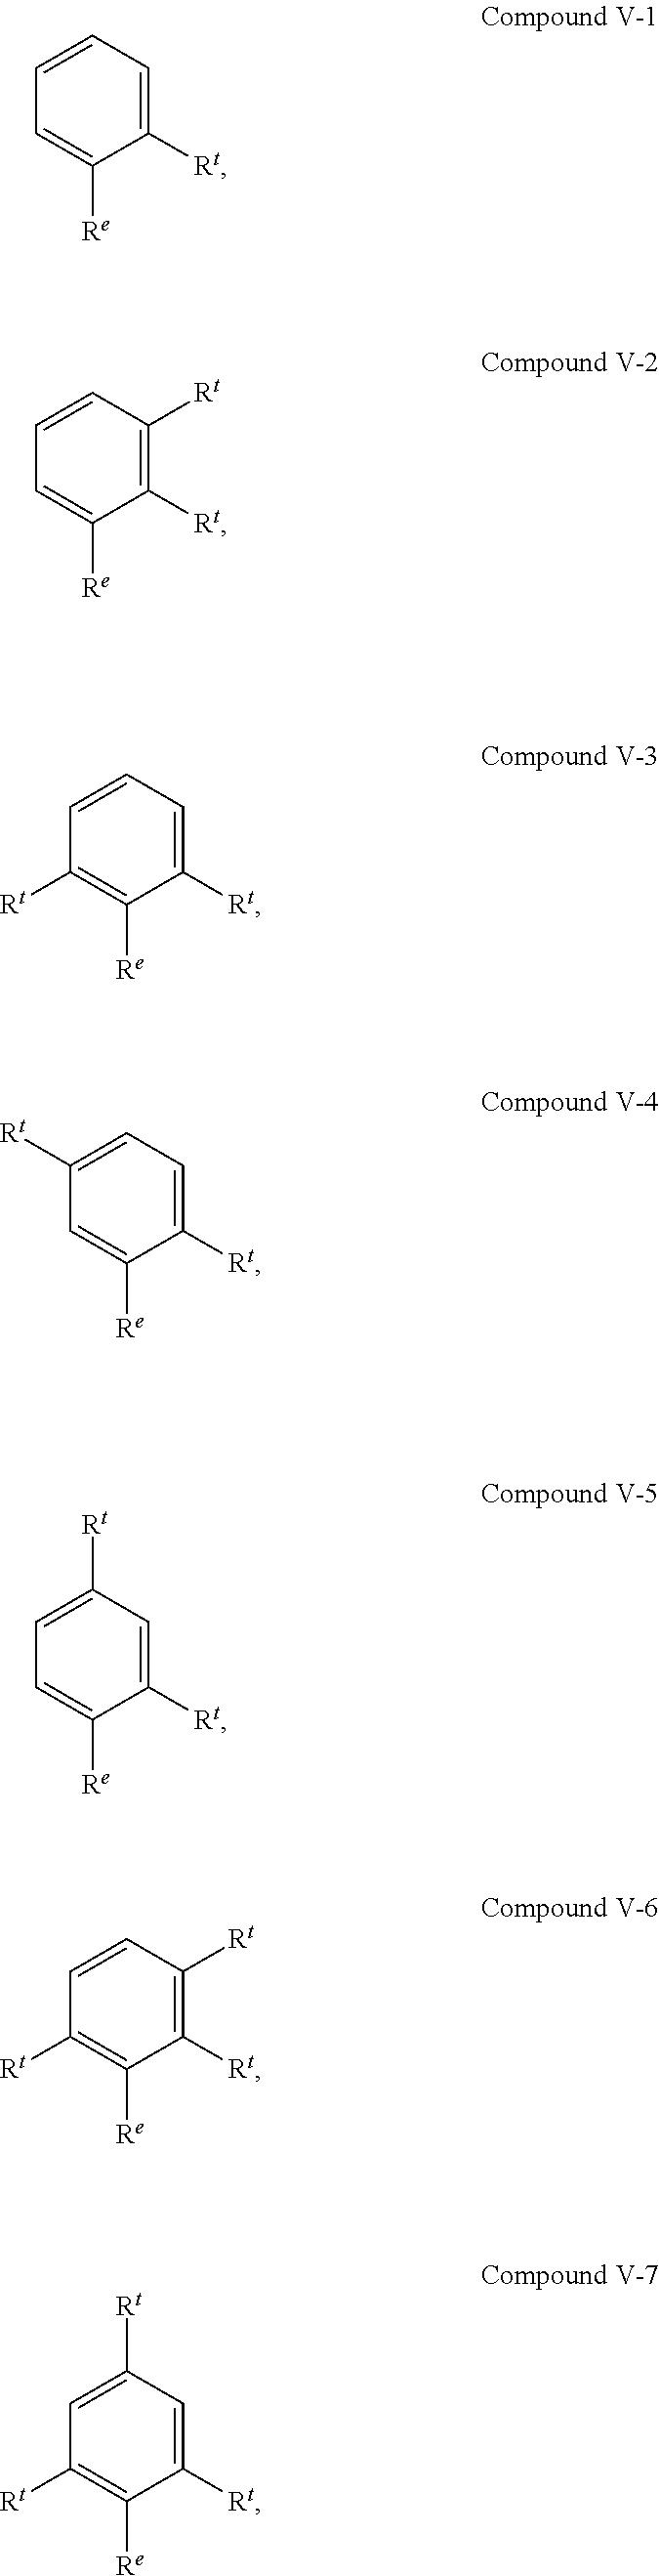 Figure US09978956-20180522-C00134